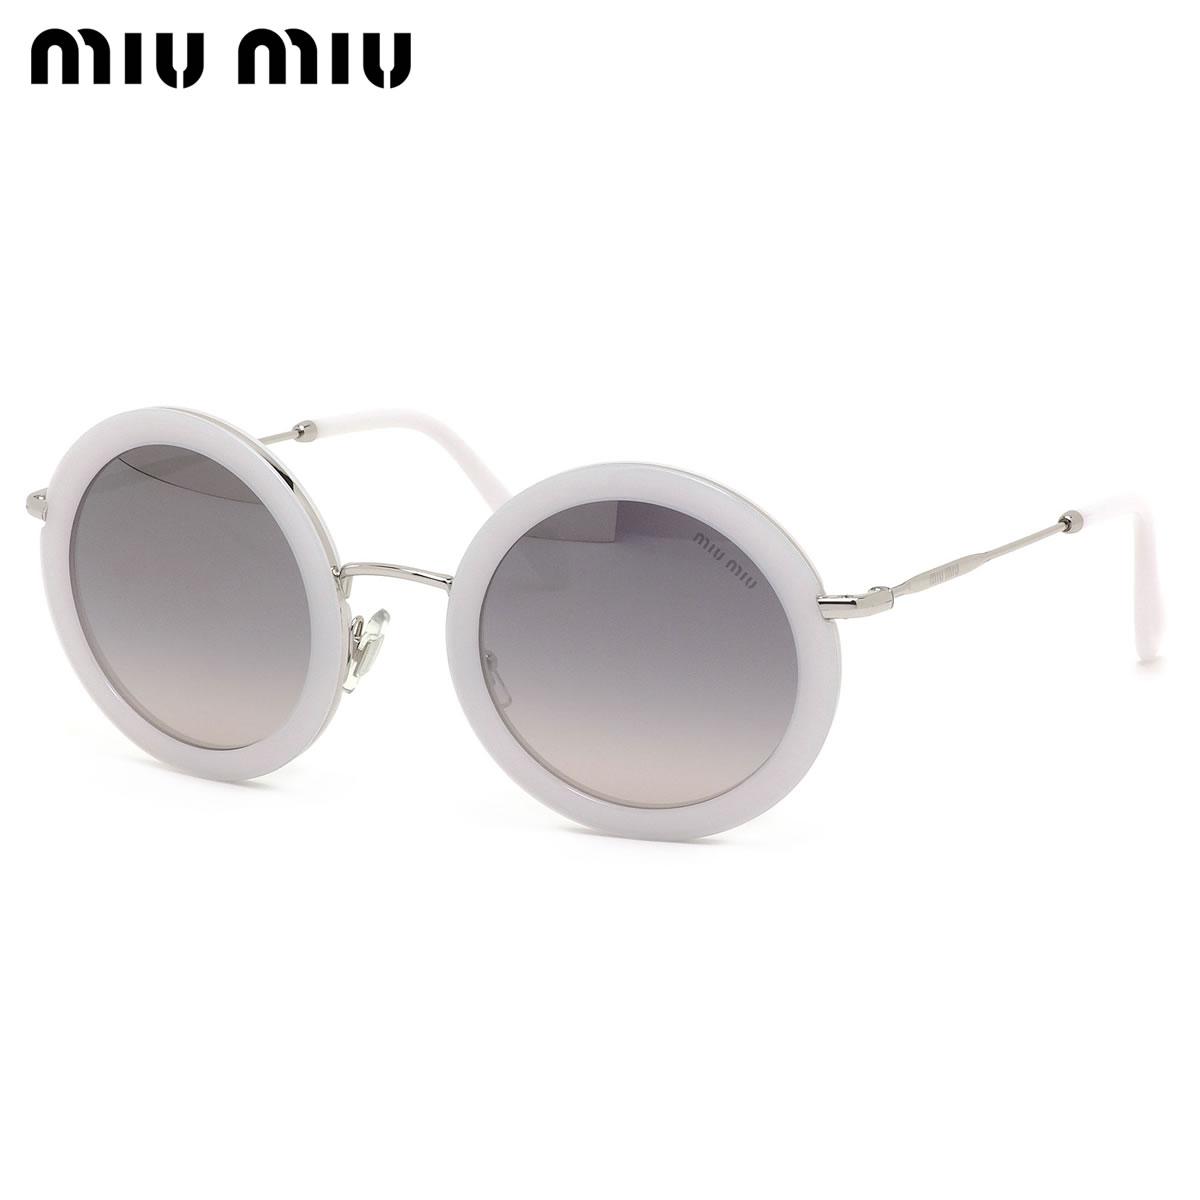 ミュウミュウ MIUMIU サングラス MU59US 133GR0 48サイズ レディース